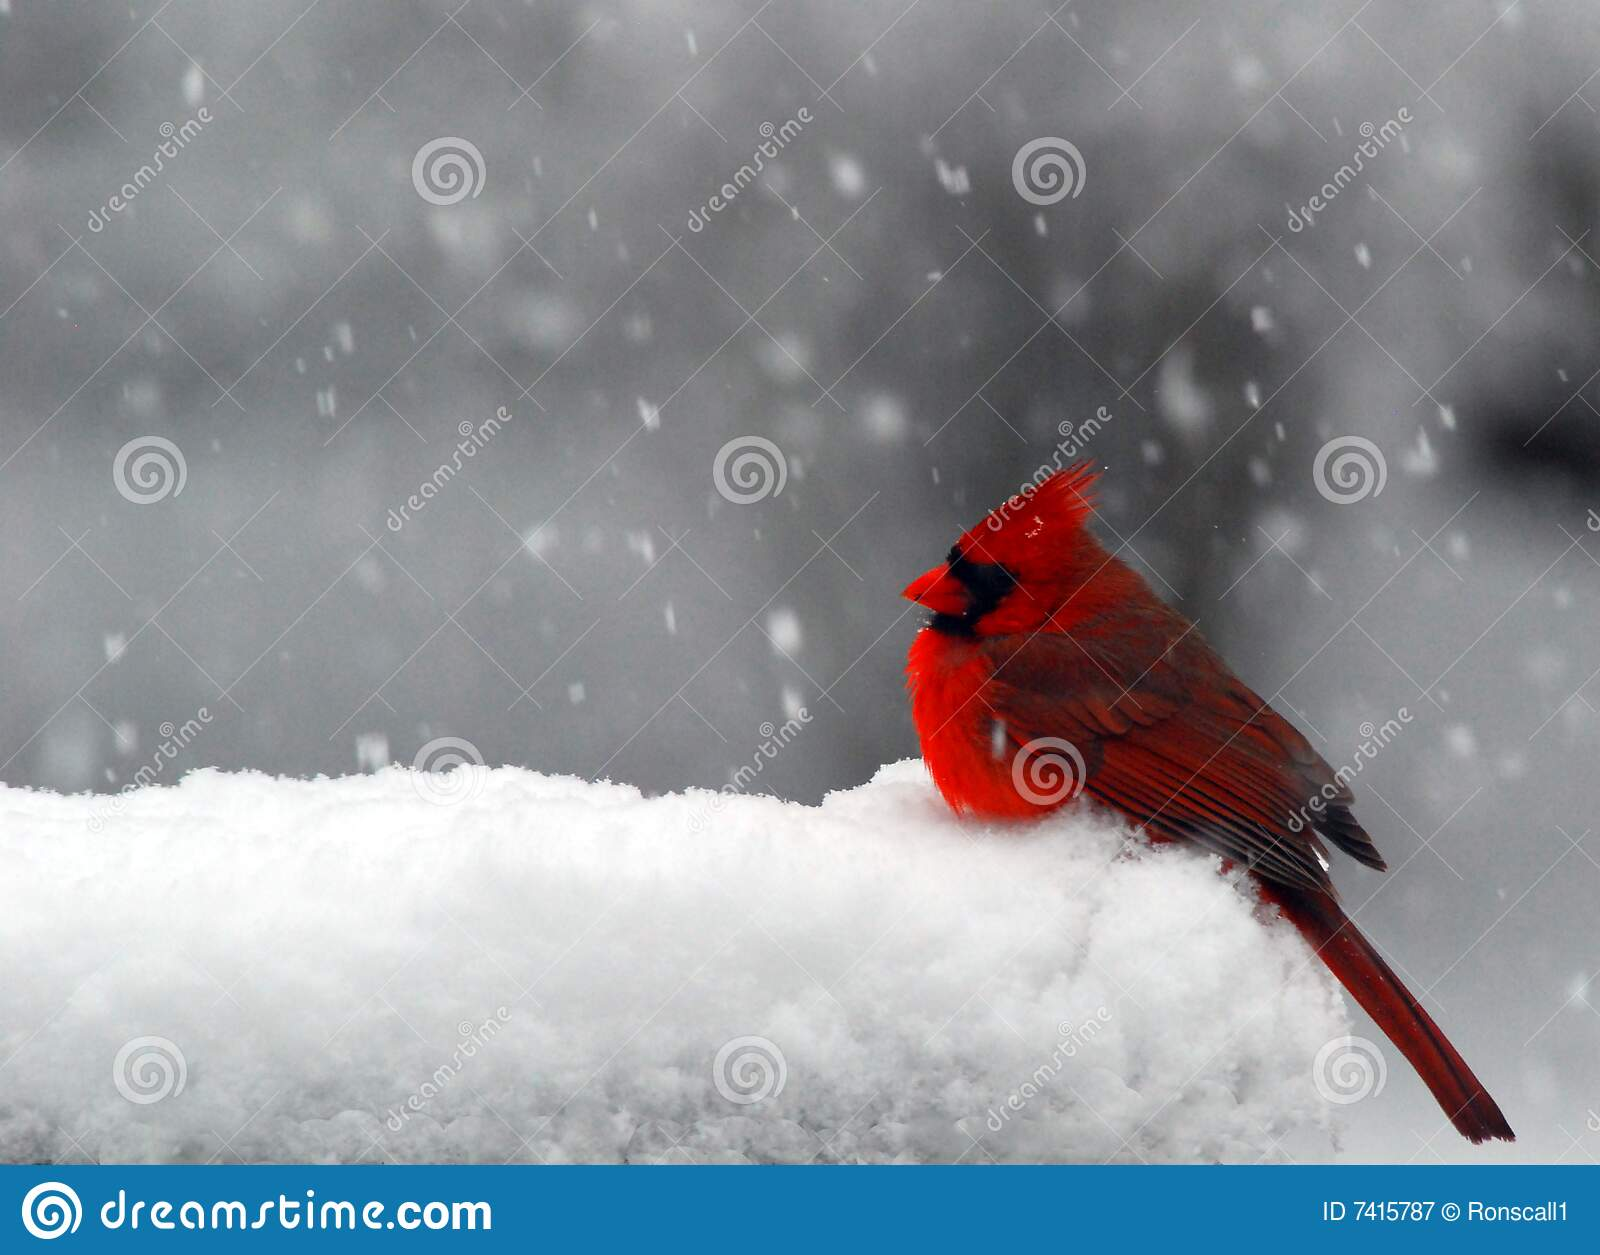 Kardinal im Schnee